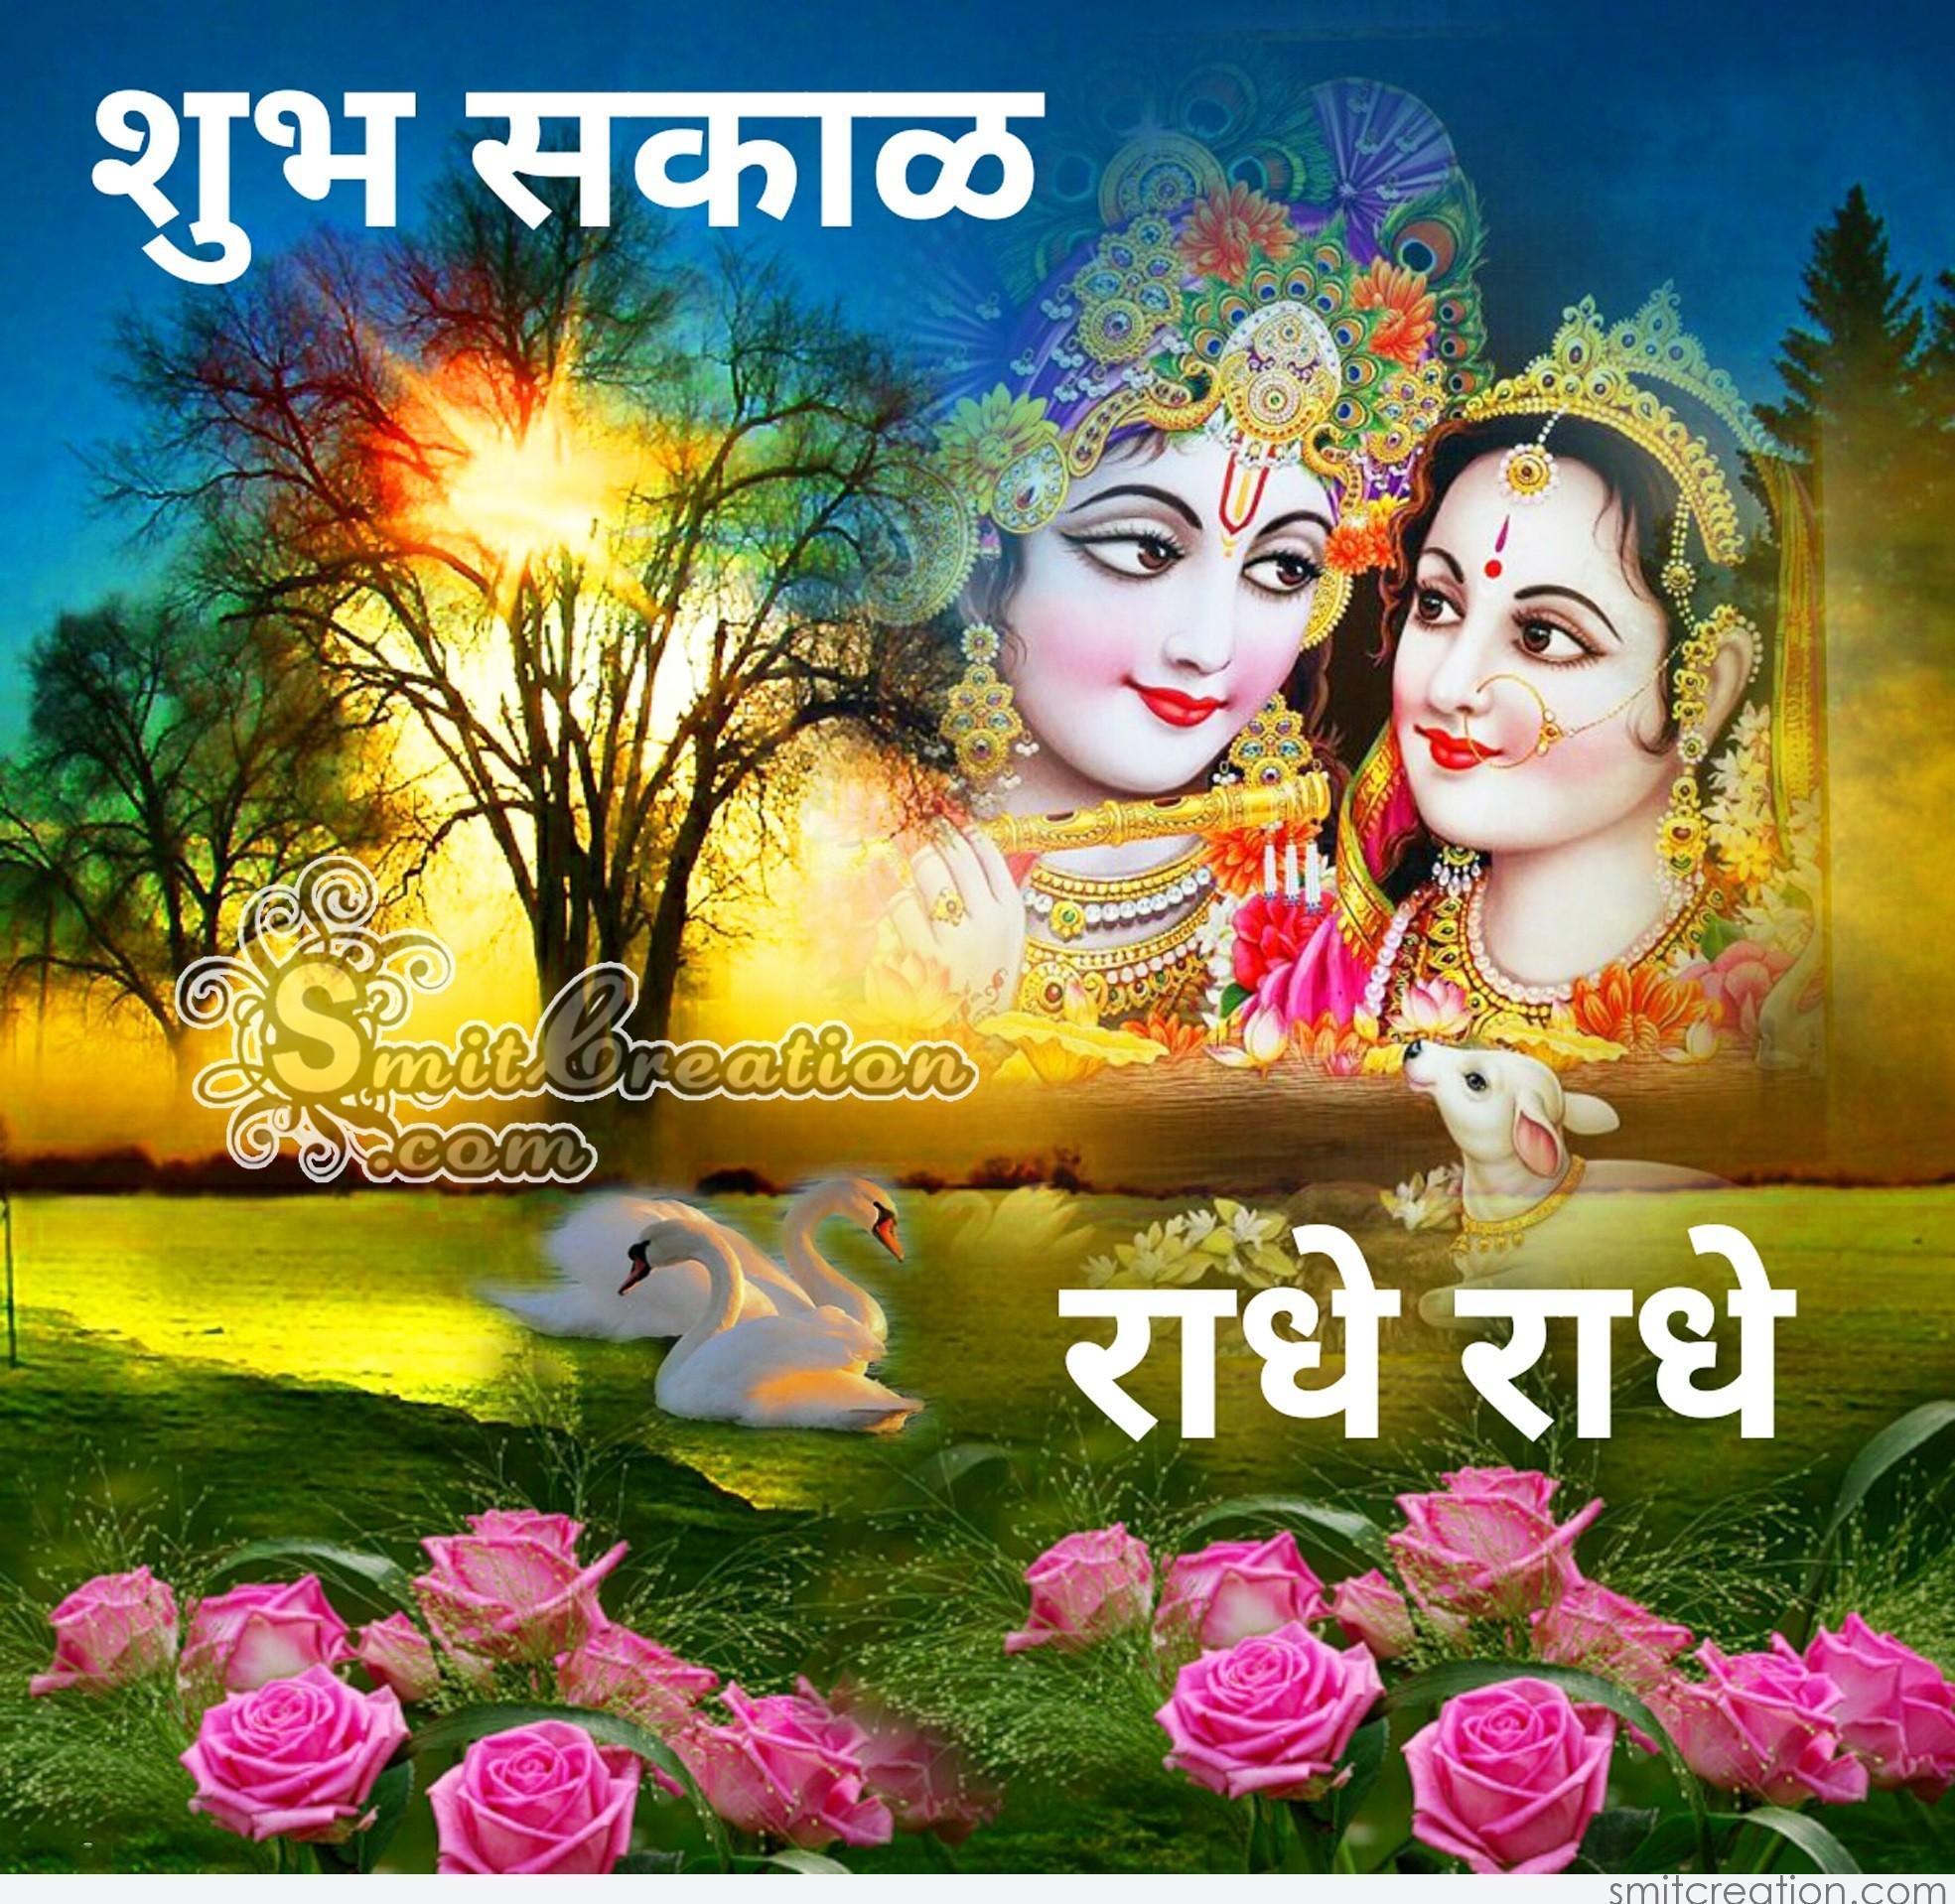 Shubh Sakal Radhe Radhe Smitcreationcom